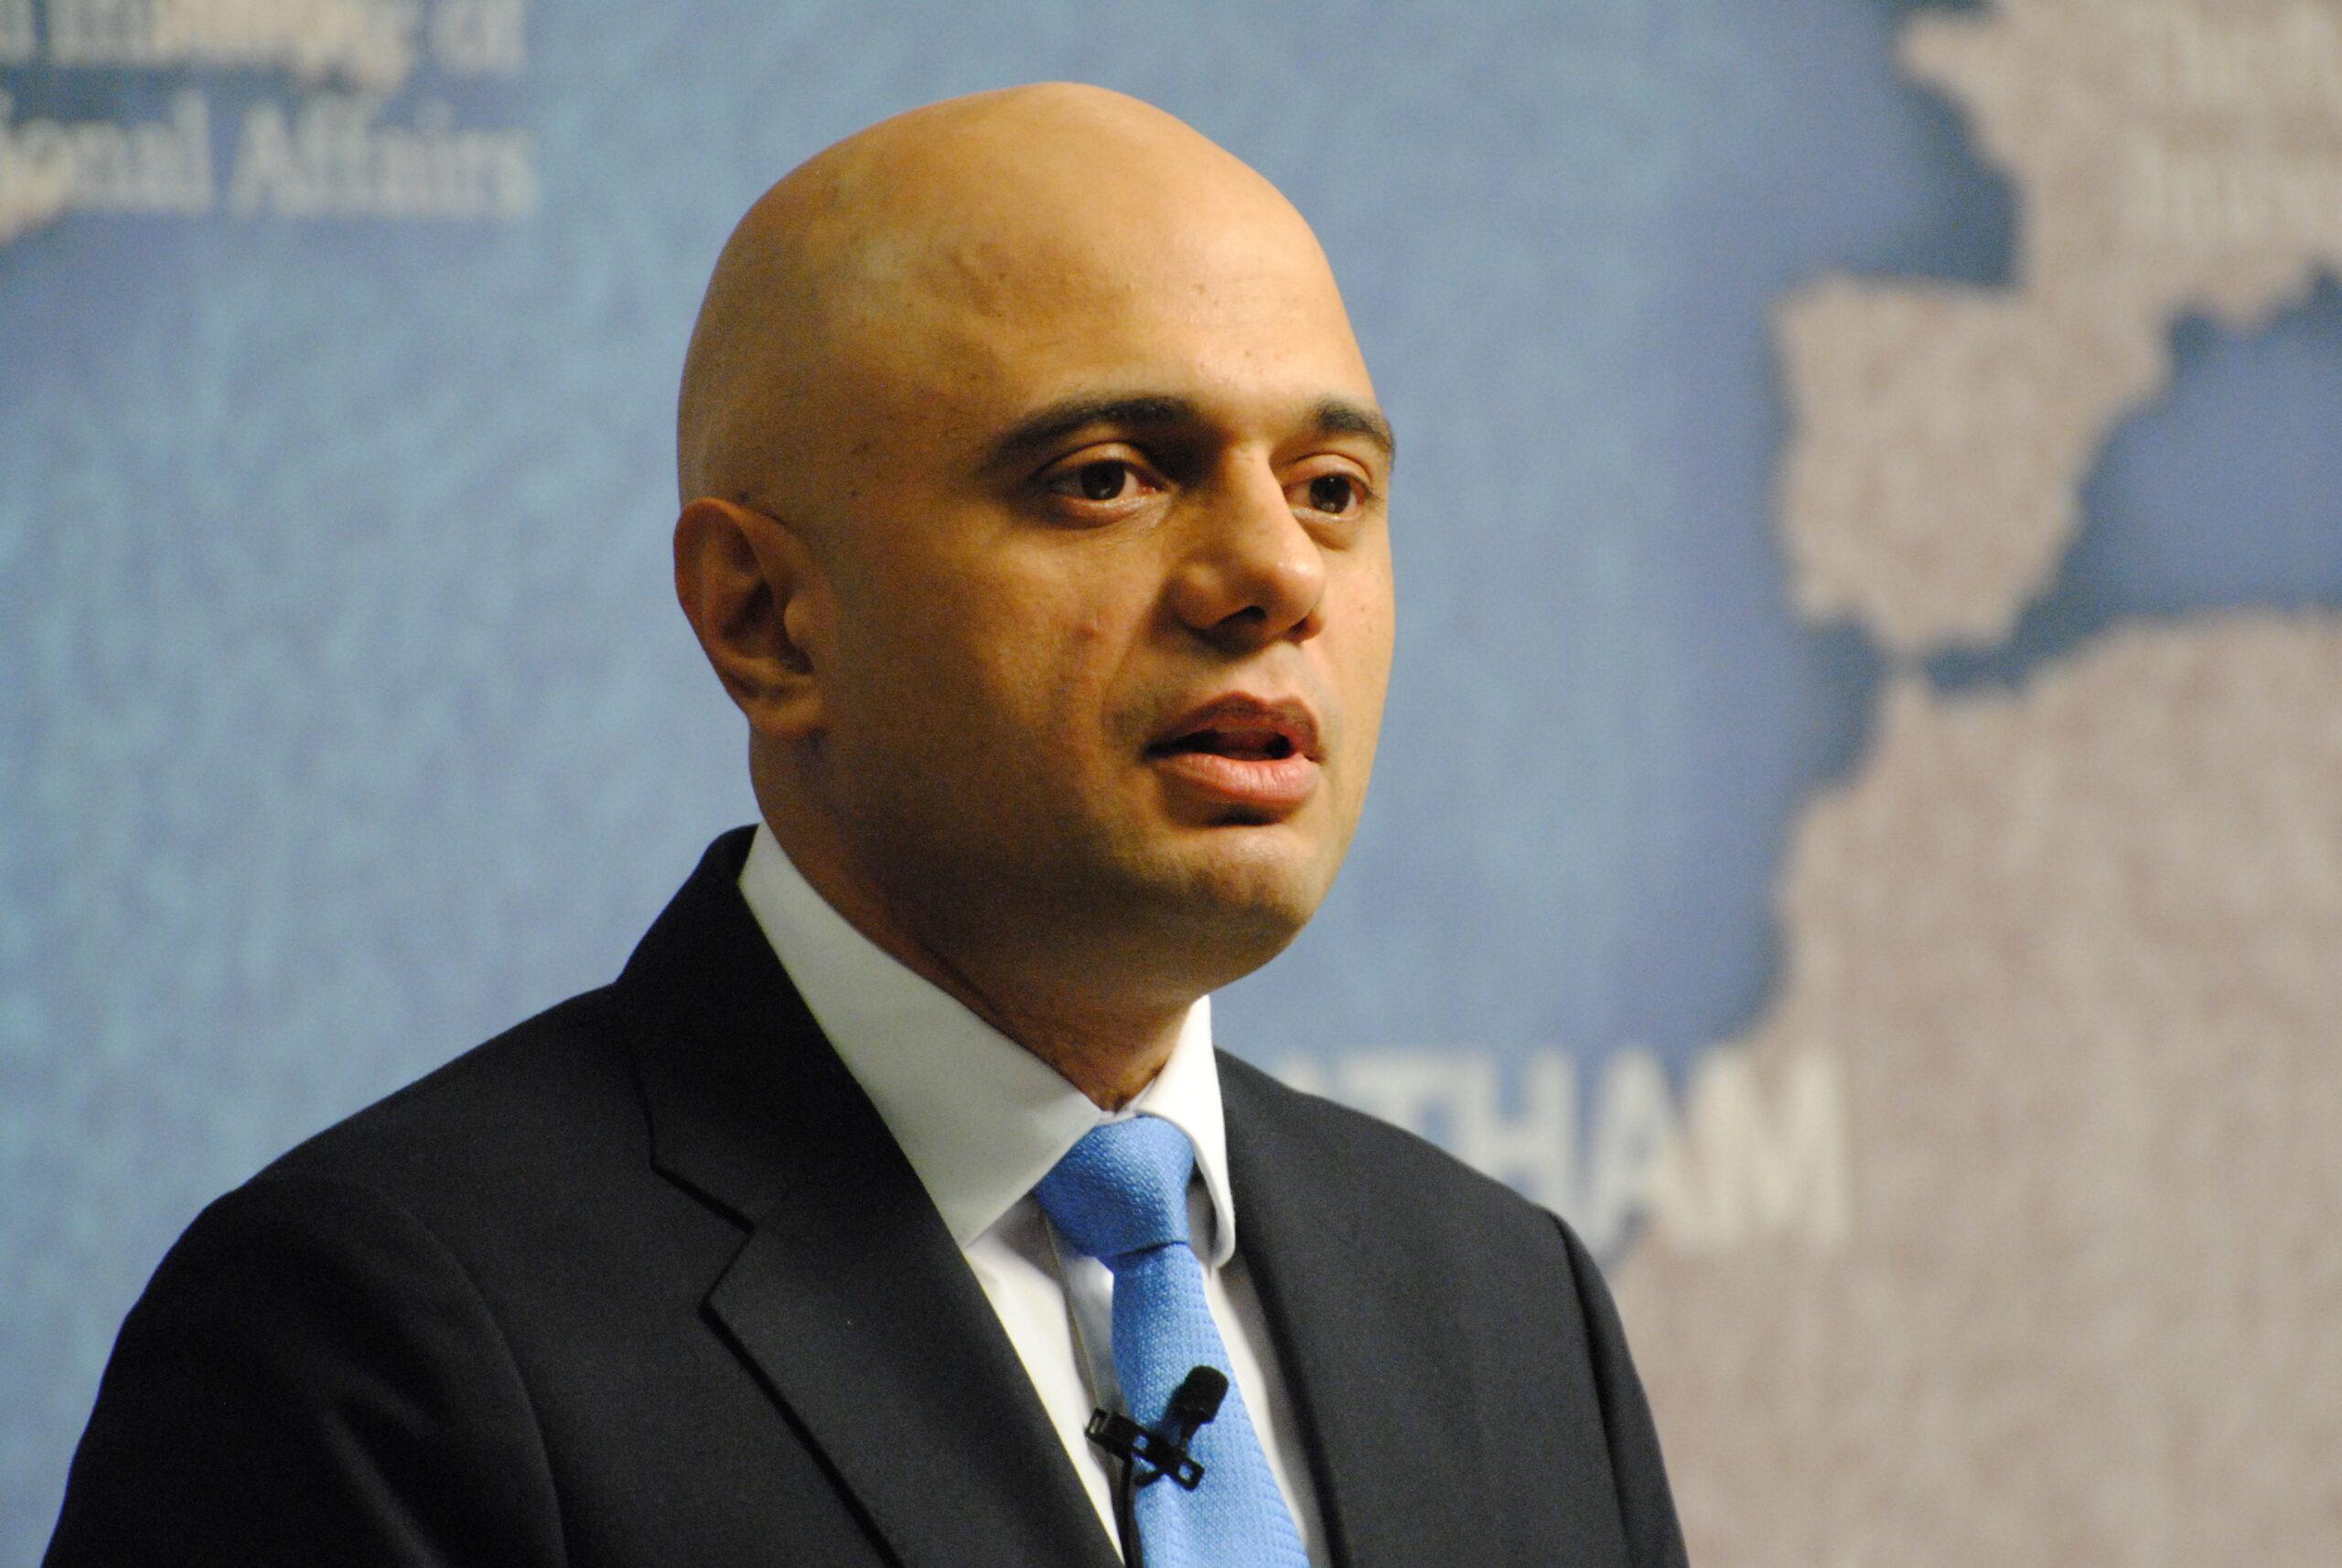 W. Brytania: Minister zdrowia zakażony koronawirusem